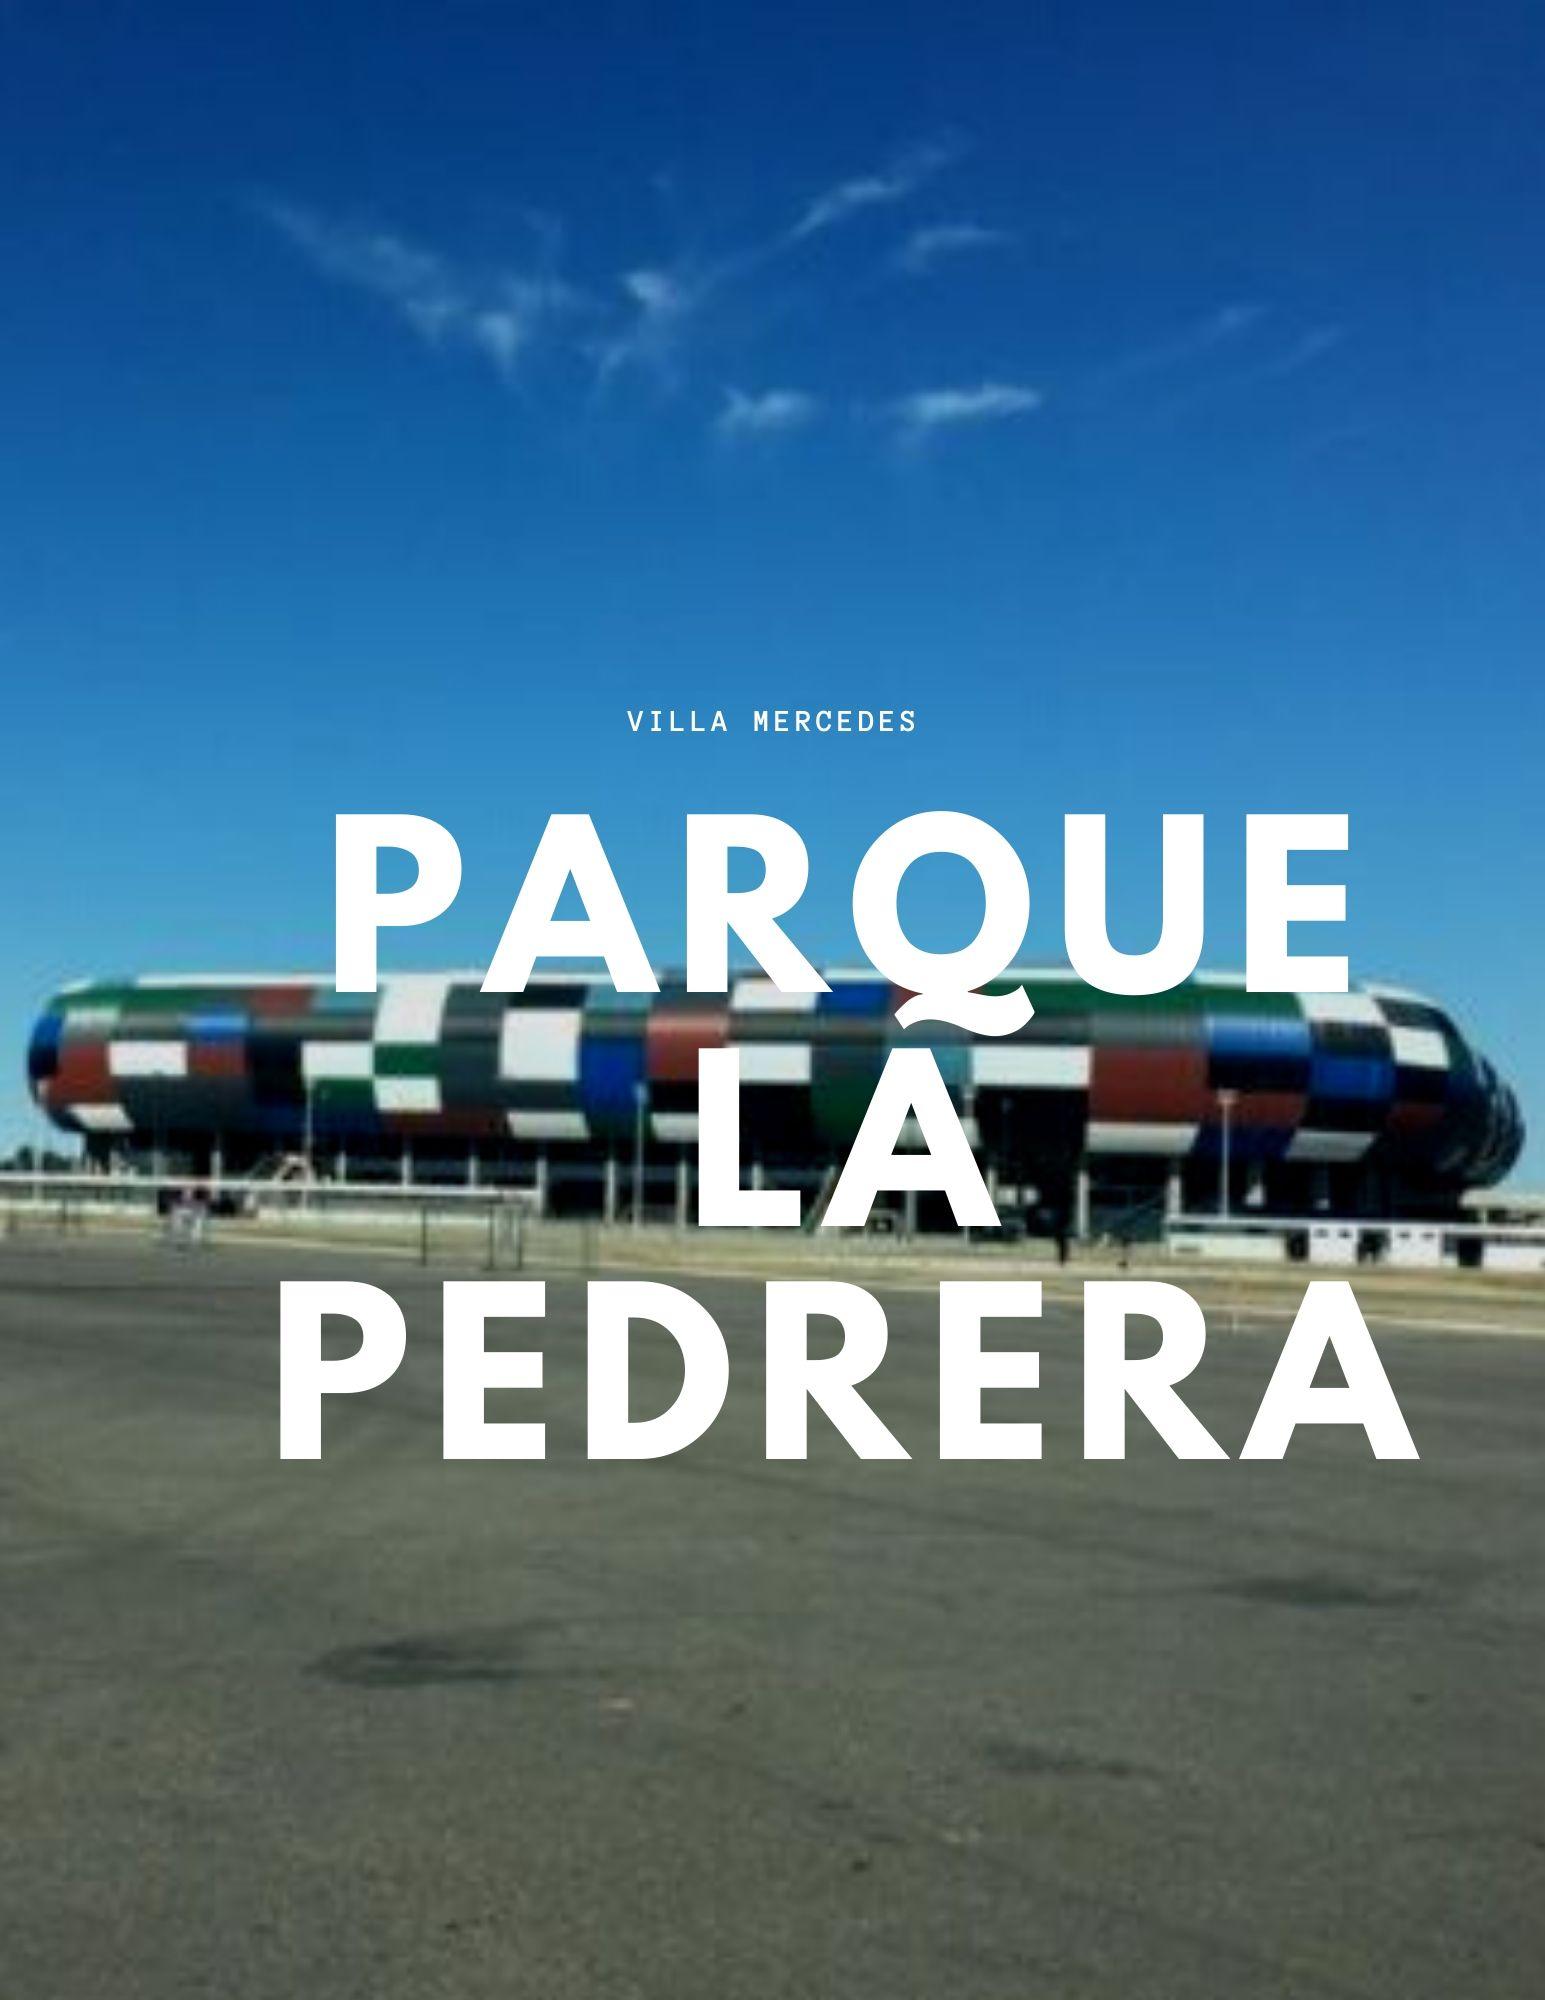 PARQUE LA PEDRERA